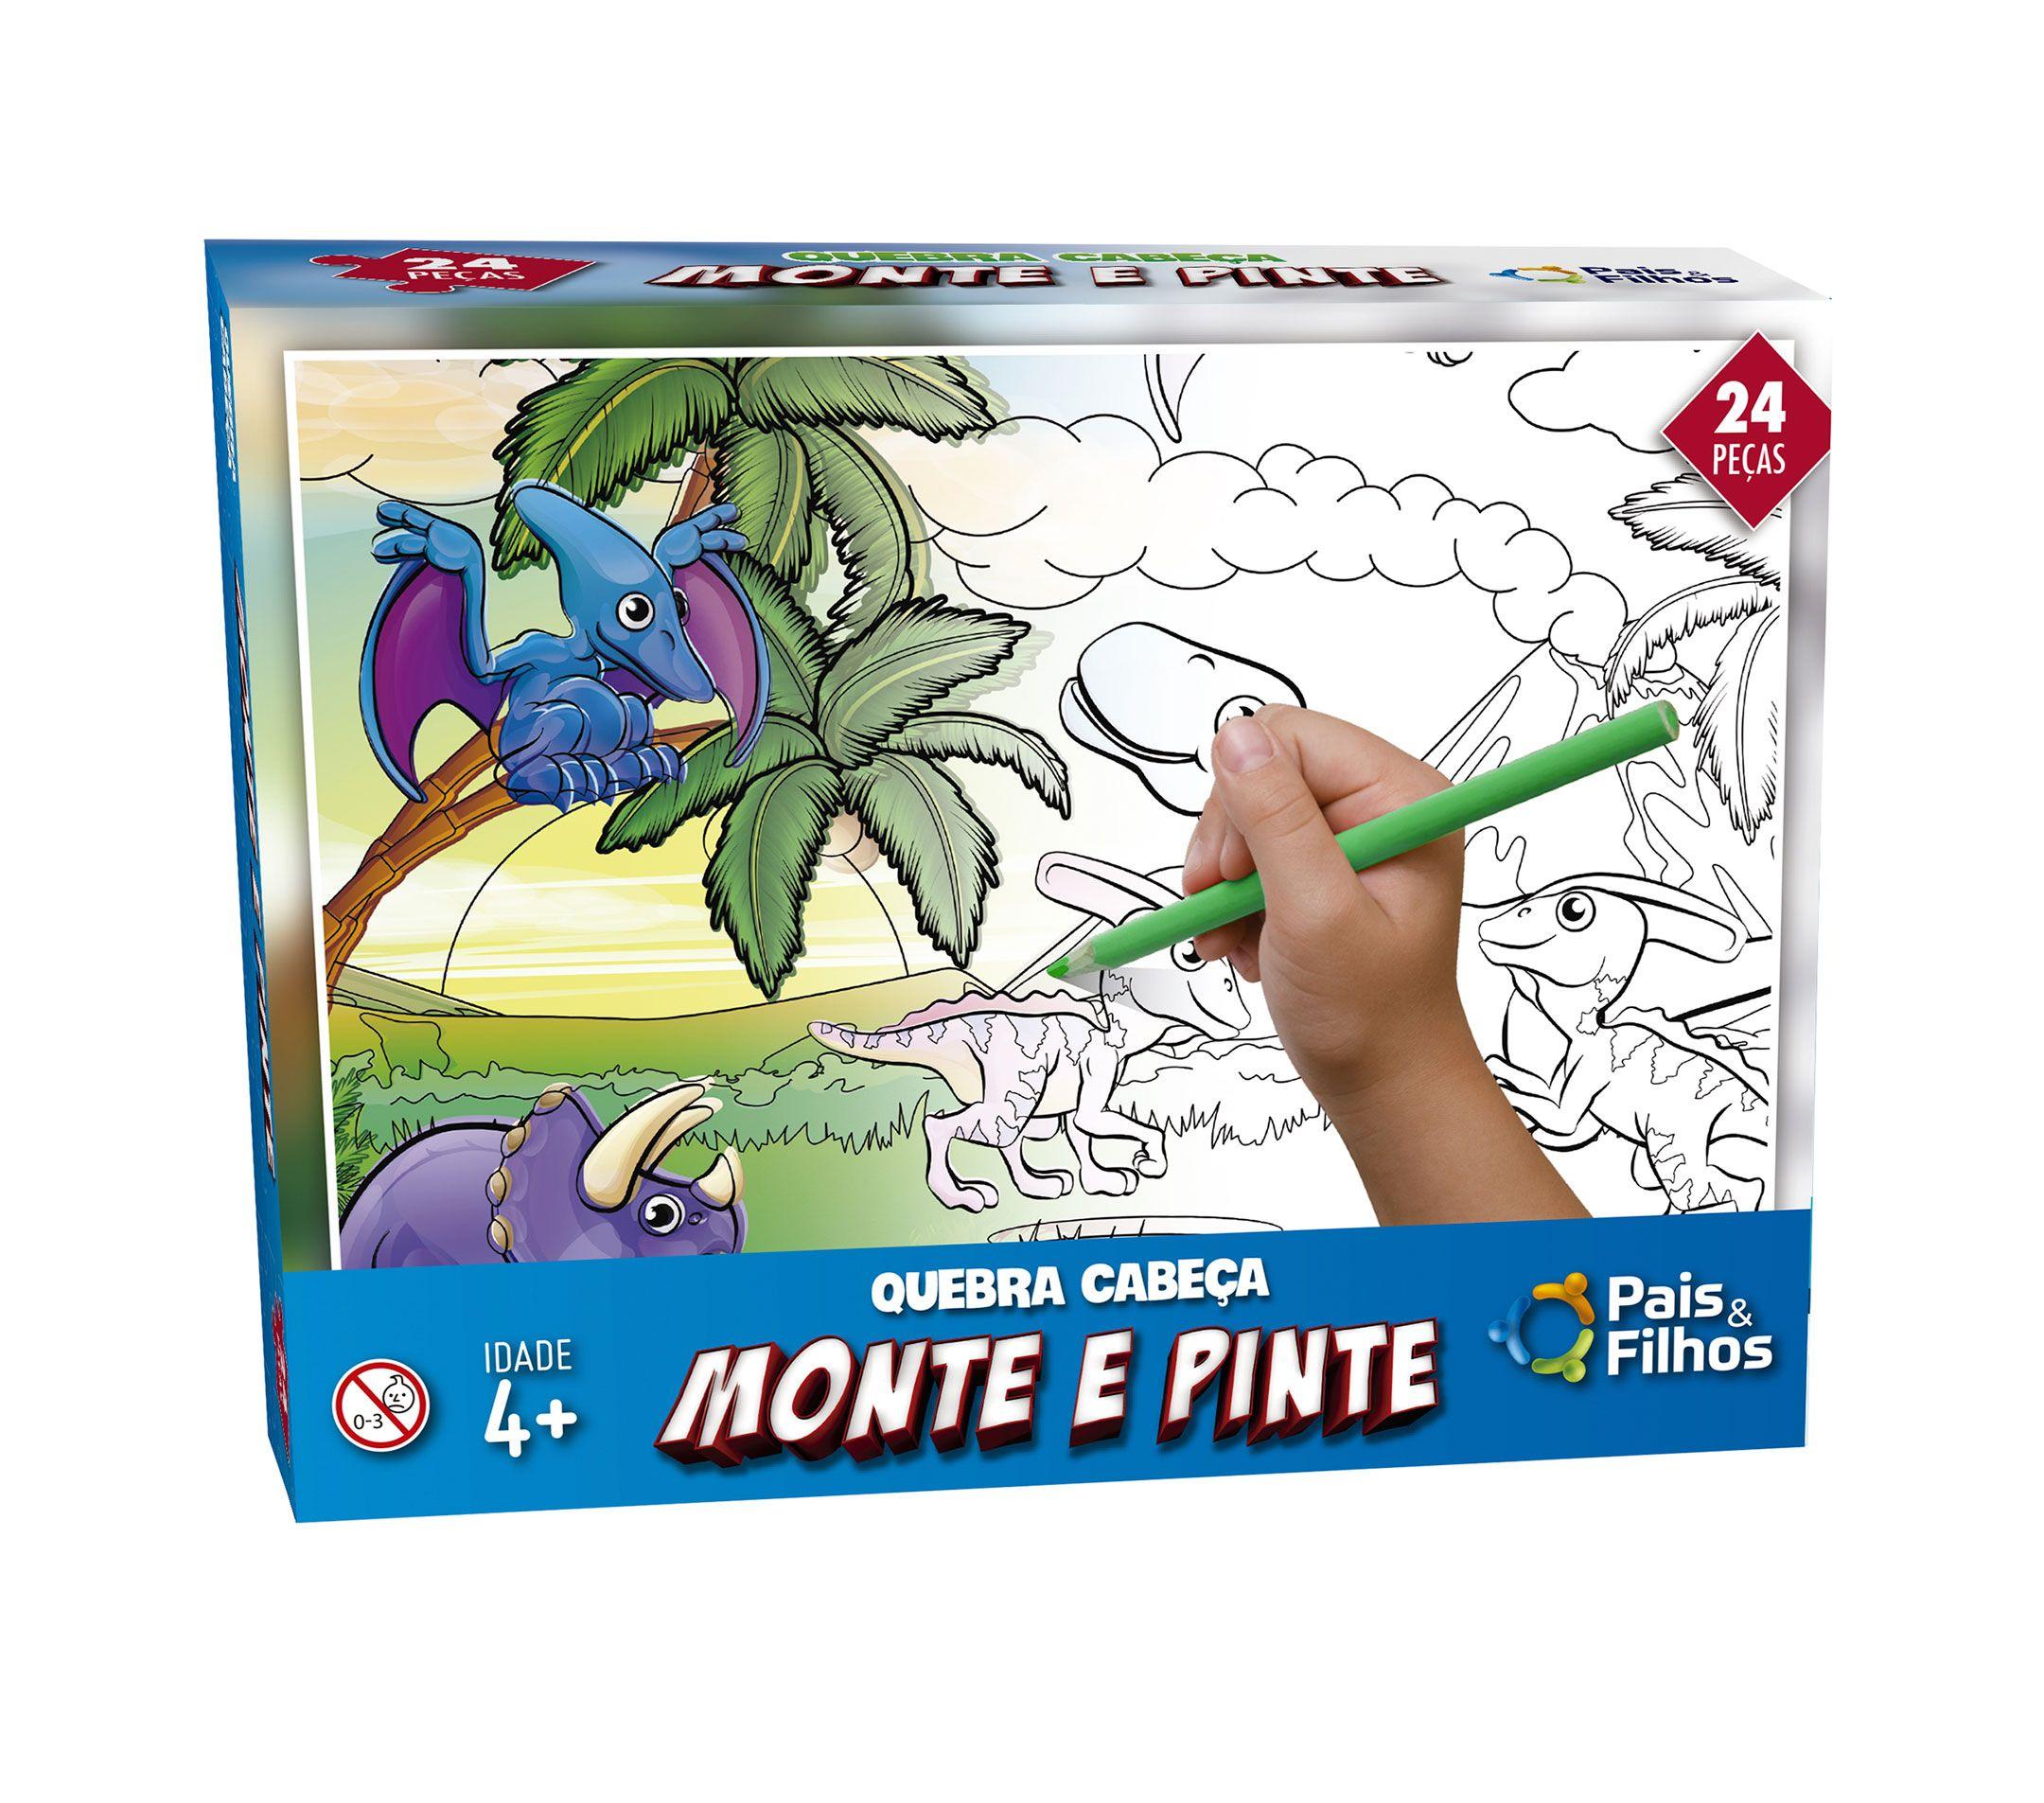 Monte e pinte Dinossauros - 24 peças -0995